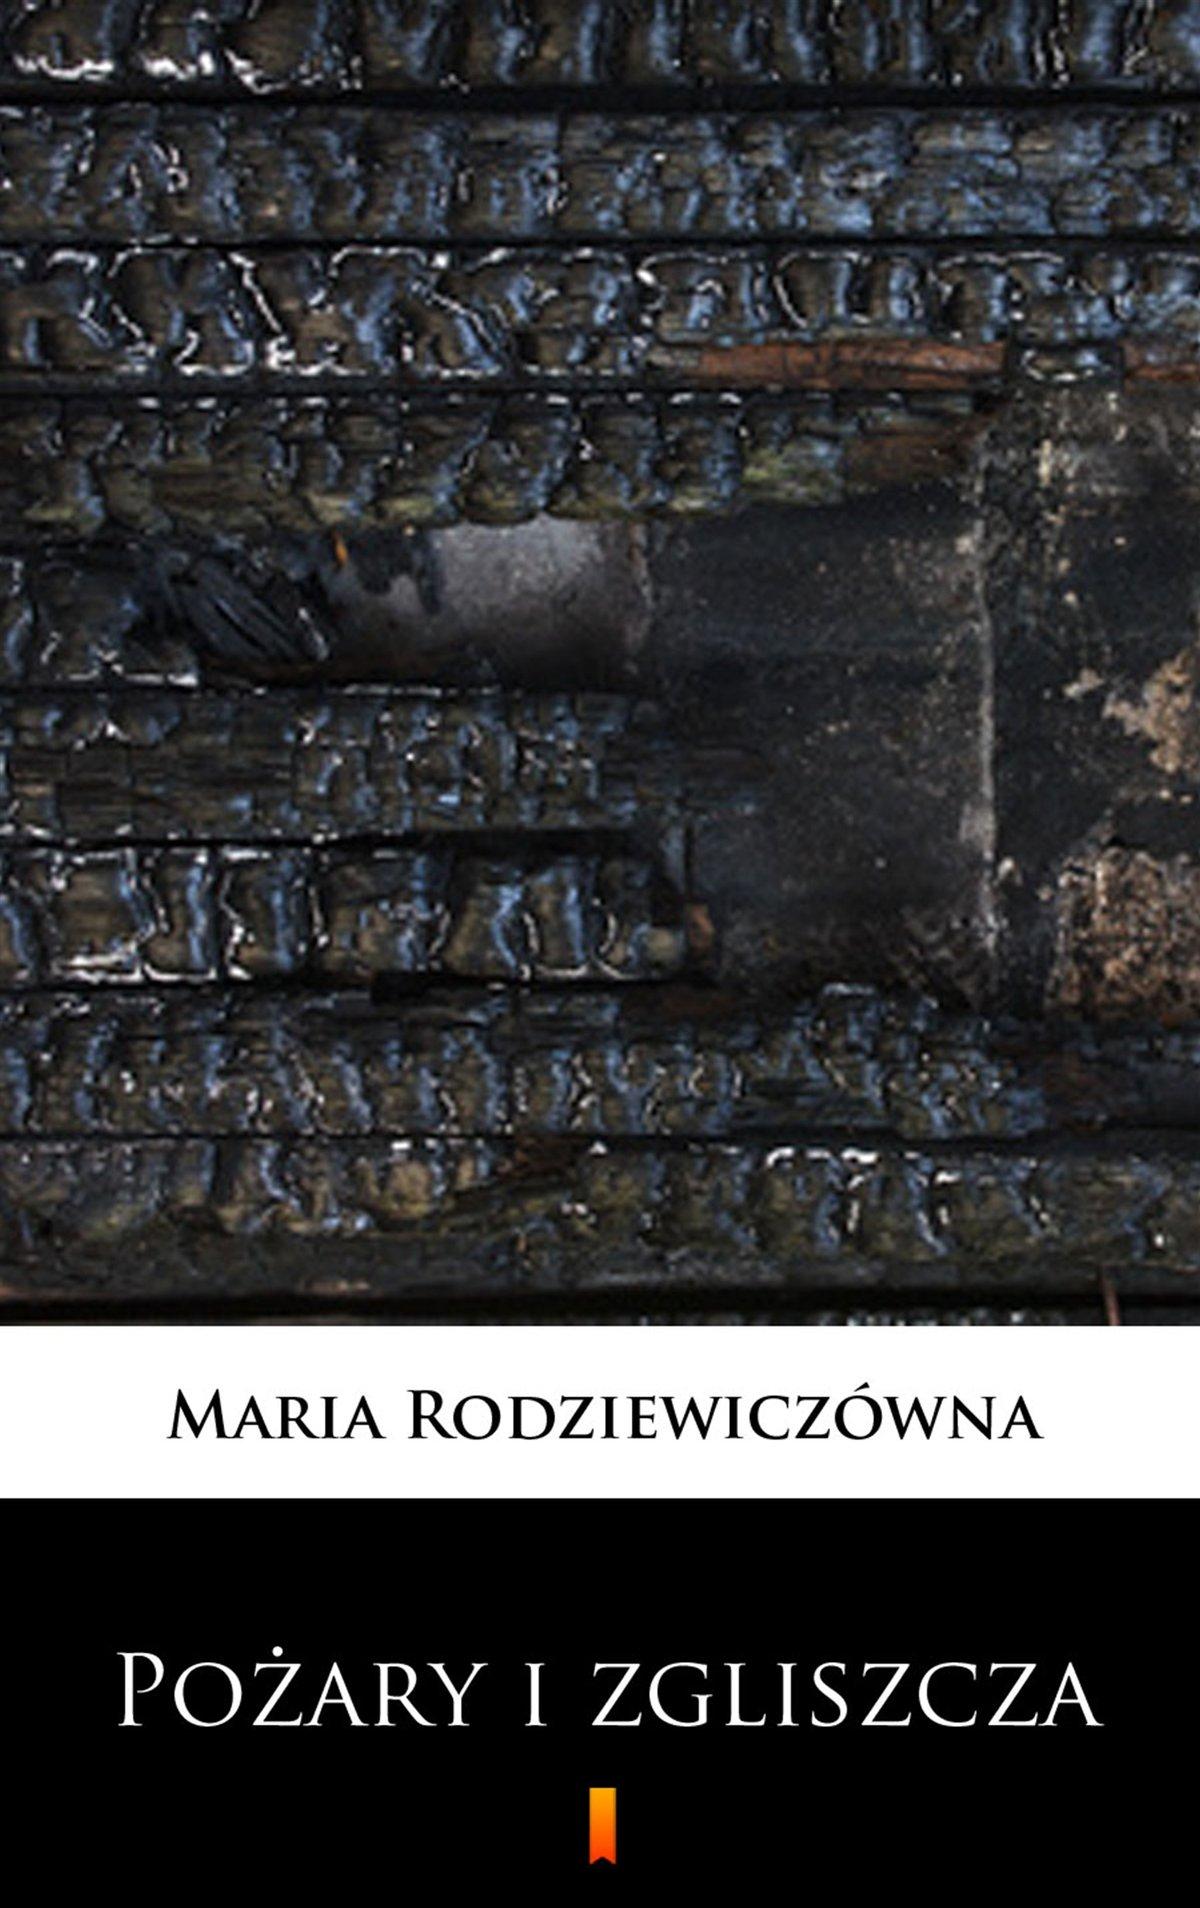 Pożary i zgliszcza - Ebook (Książka EPUB) do pobrania w formacie EPUB